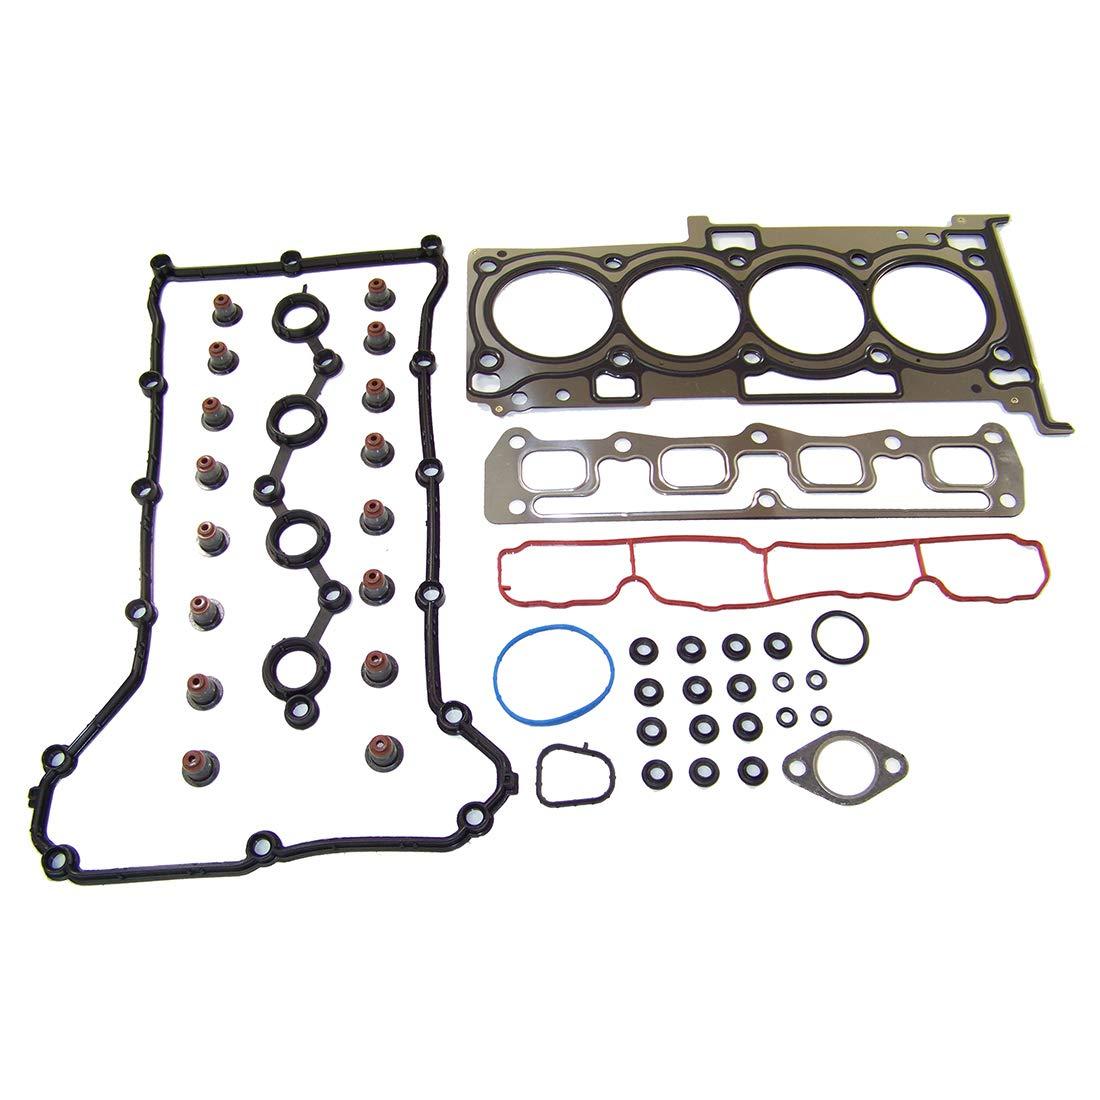 ROADFAR Cylinder Head Gasket Set Kit for Chrysler 200 2.4L 2011